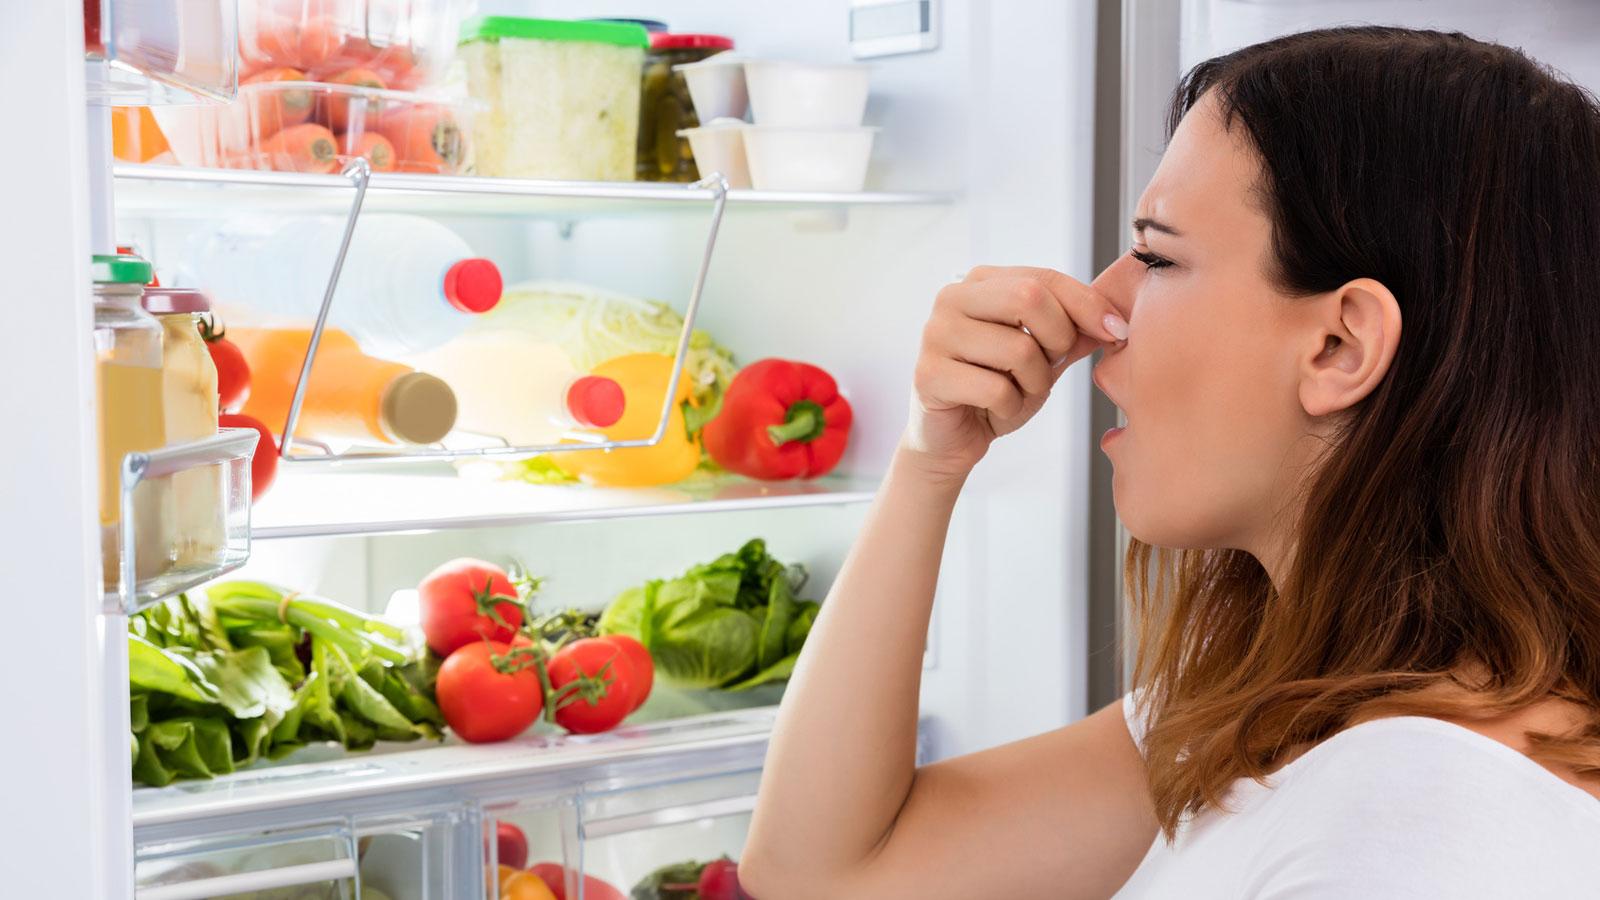 Kühlschrank stinkt – das hilft gegen schlechte Gerüche | UPDATED